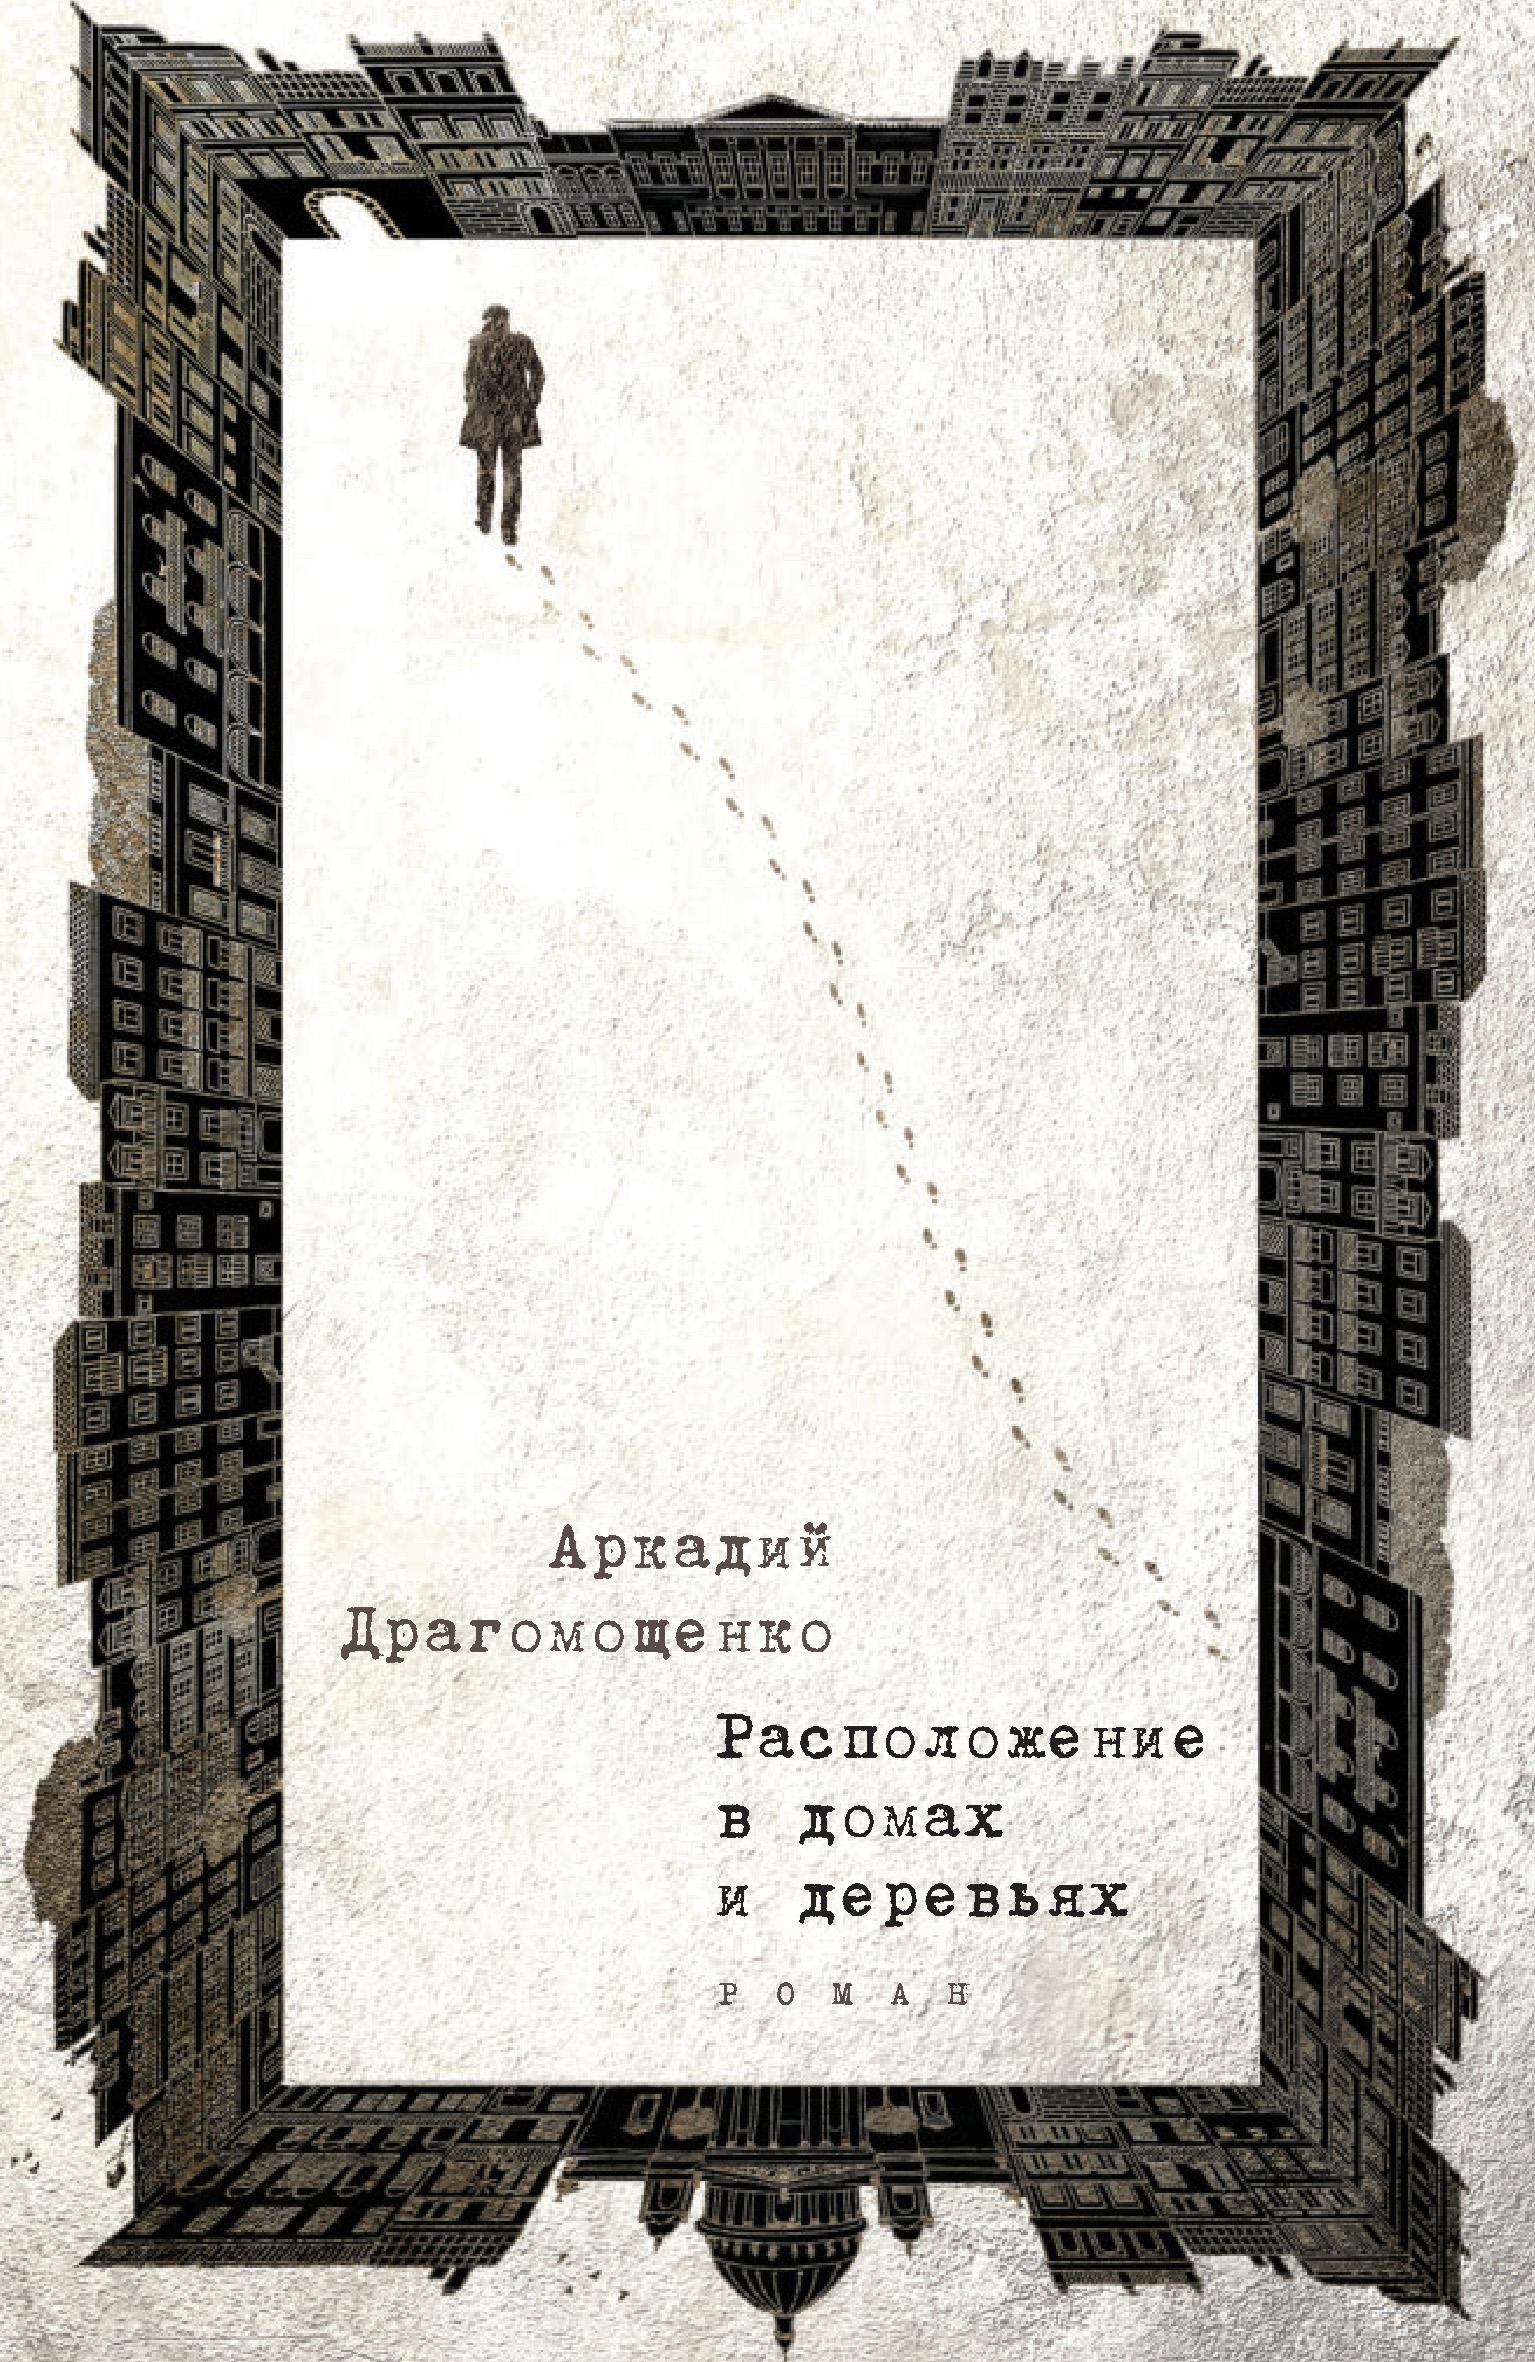 Купить книгу Расположение в домах и деревьях, автора Аркадия Драгомощенко